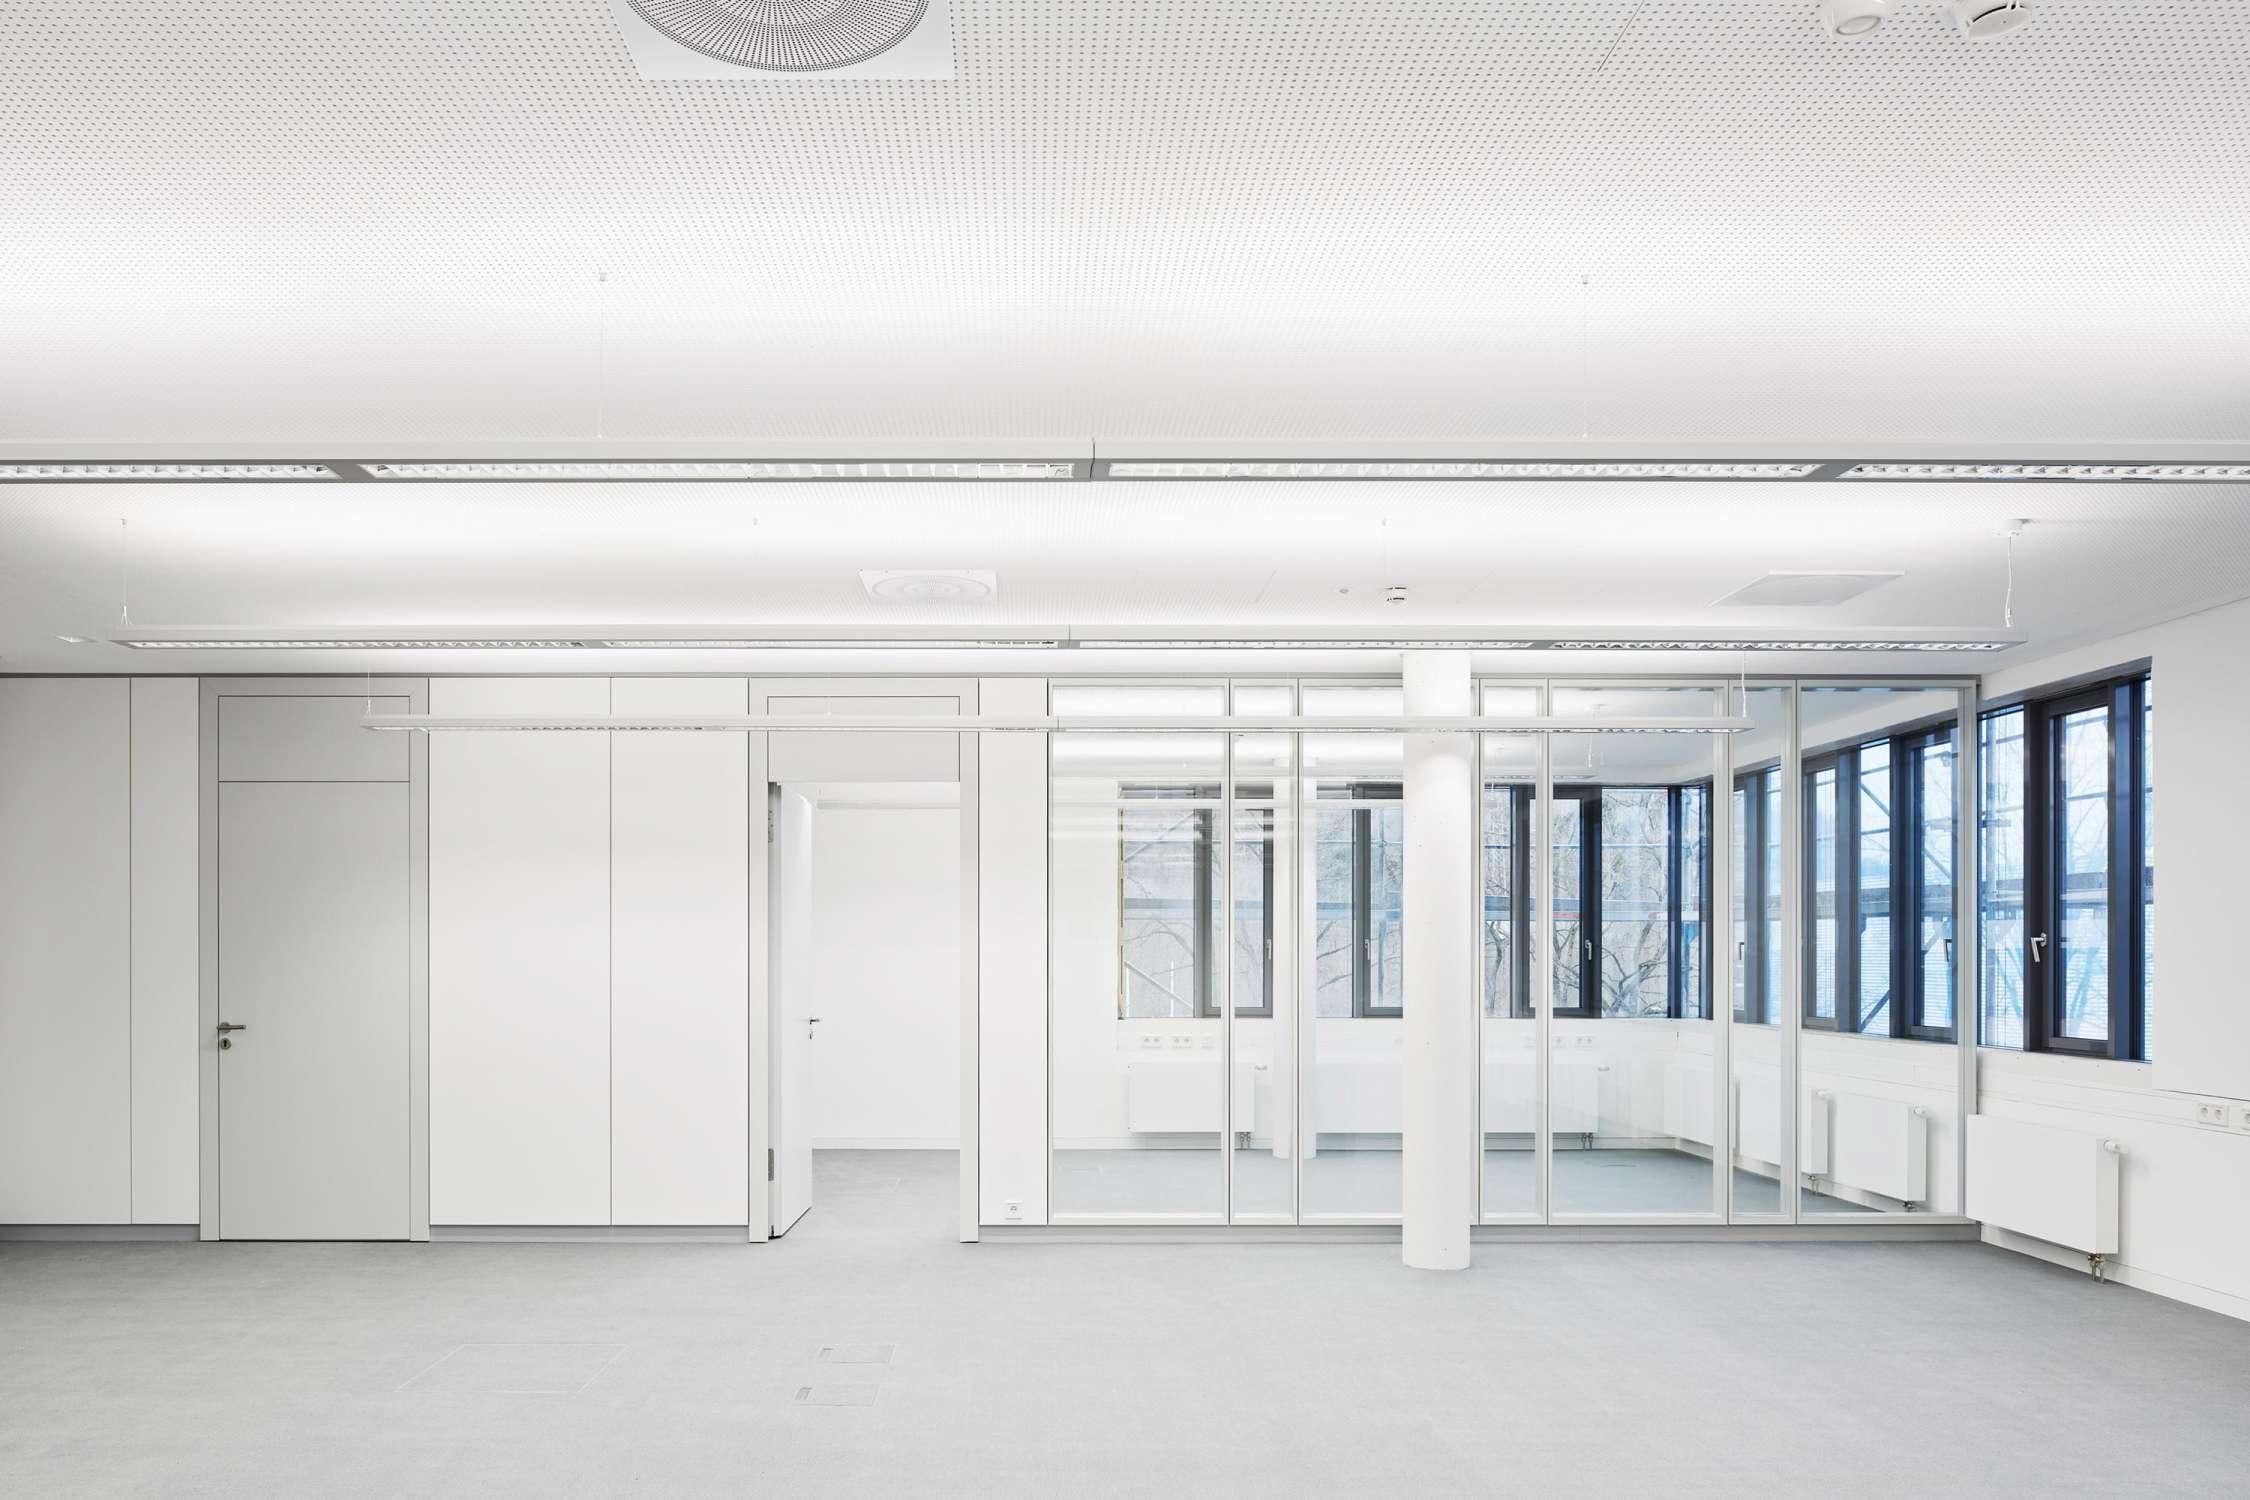 Umbau und energetische Sanierung Verwaltungsgebäude (10)